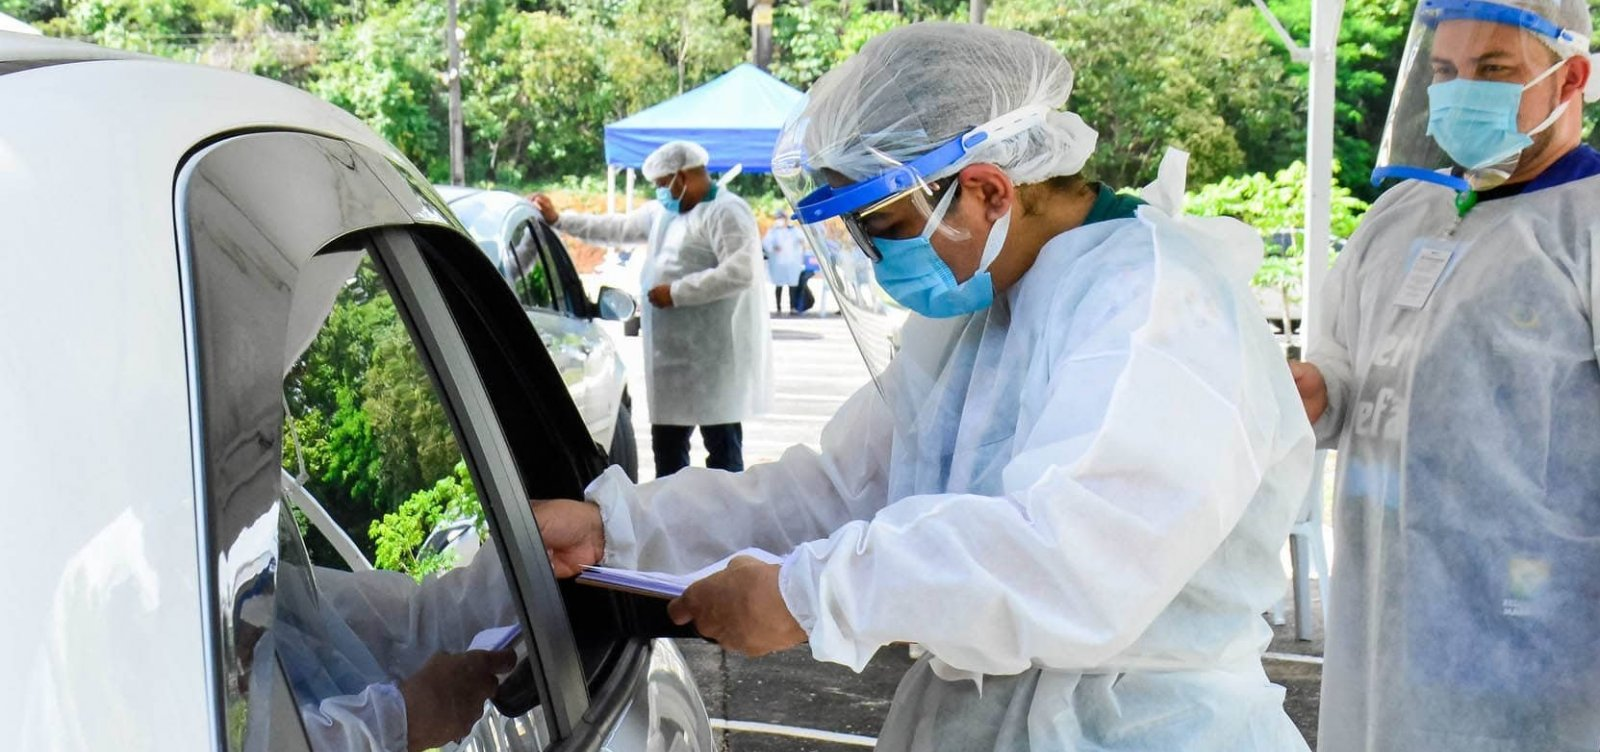 Covid-19: quase 2,5 milhões foram vacinados em 26 estados e DF, aponta consórcio de veículos